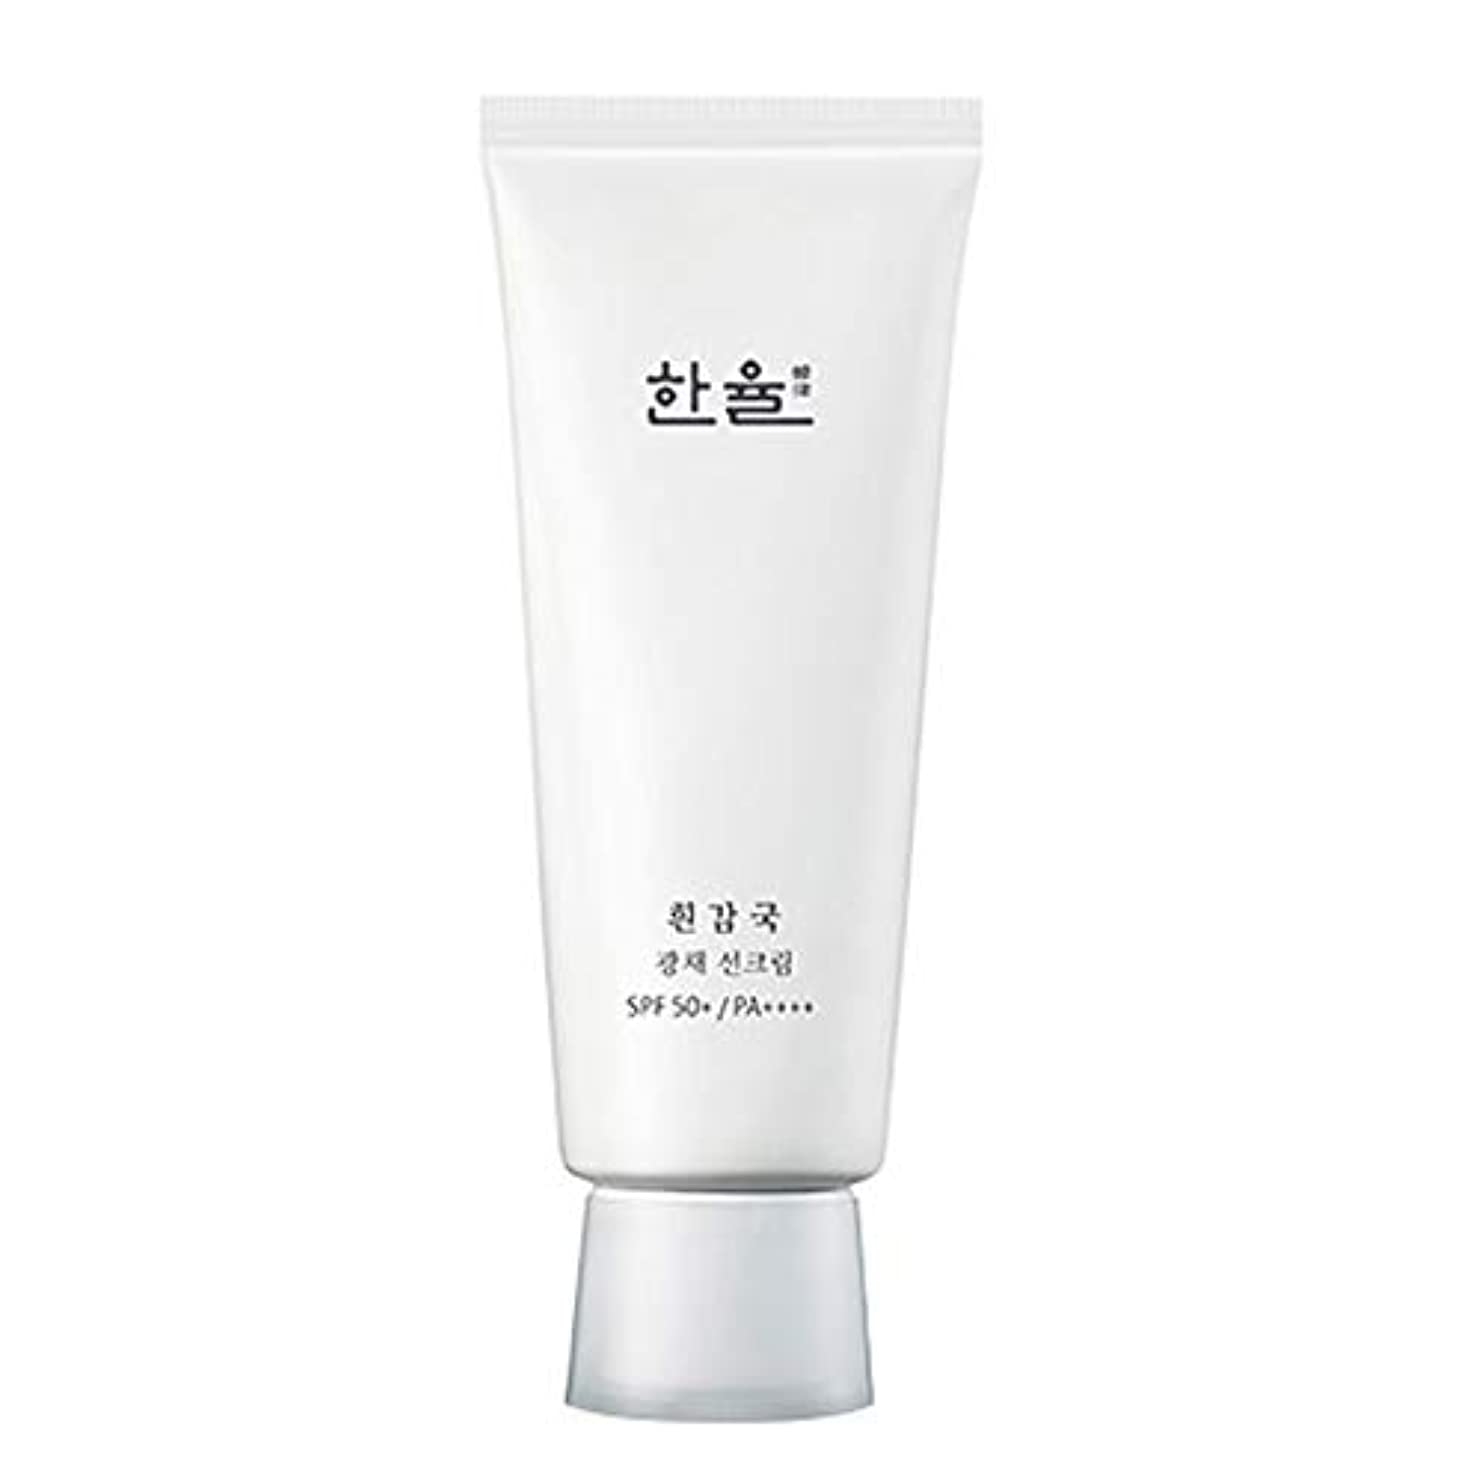 進捗自分のために取り壊す[HANYUL] ハンユル 白いガムグク輝きサンクリーム 70ml SPF50+ PA++++ White Chrysanthemum Radiance Sunscreen cream